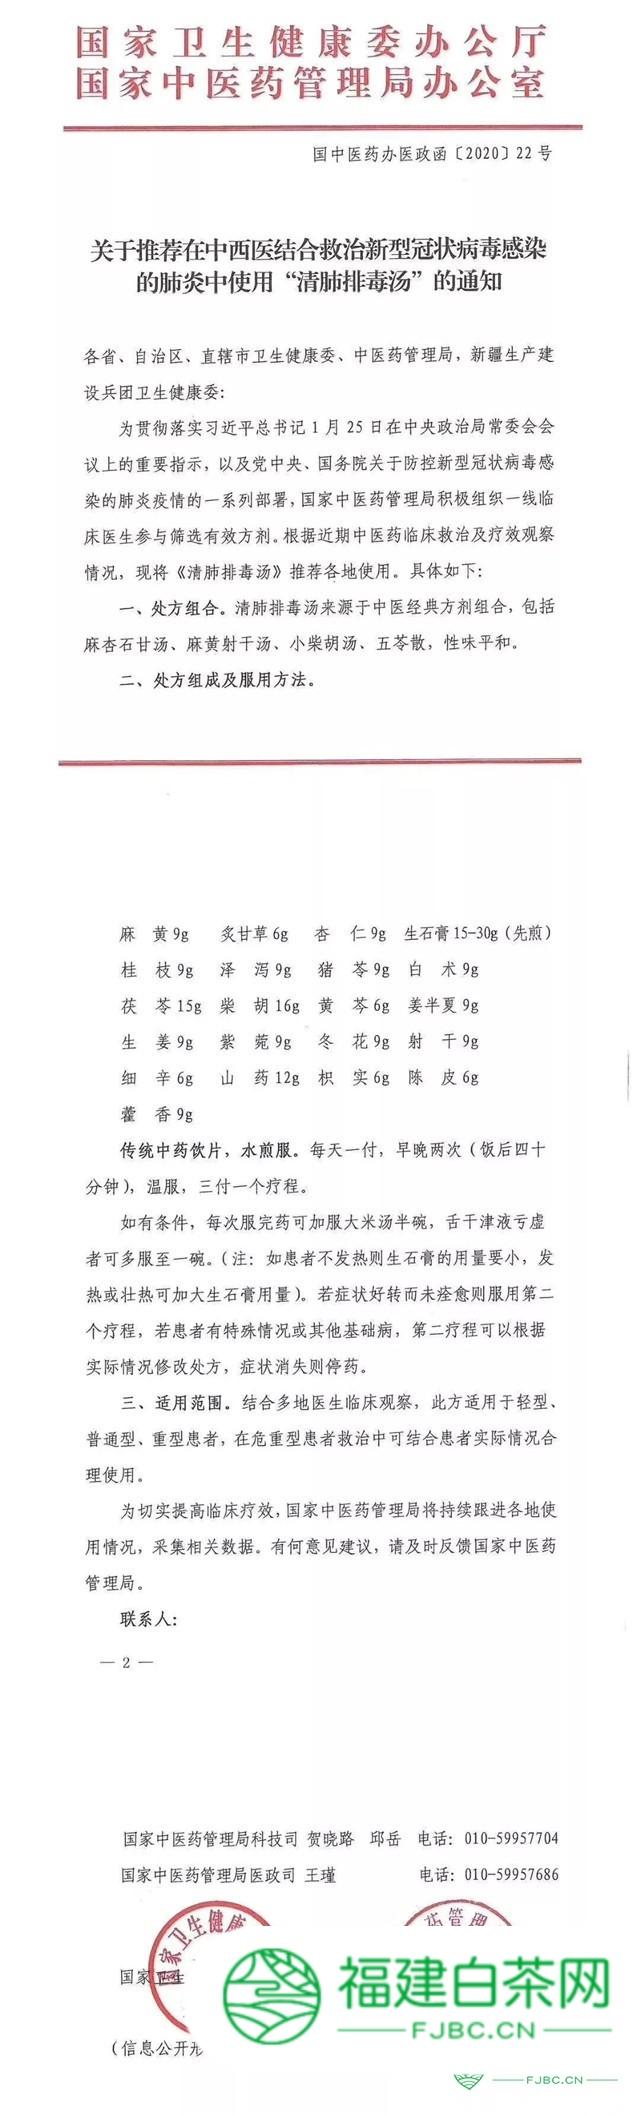 国家卫健委推出清肺排毒汤,陈皮作为其中一例中药